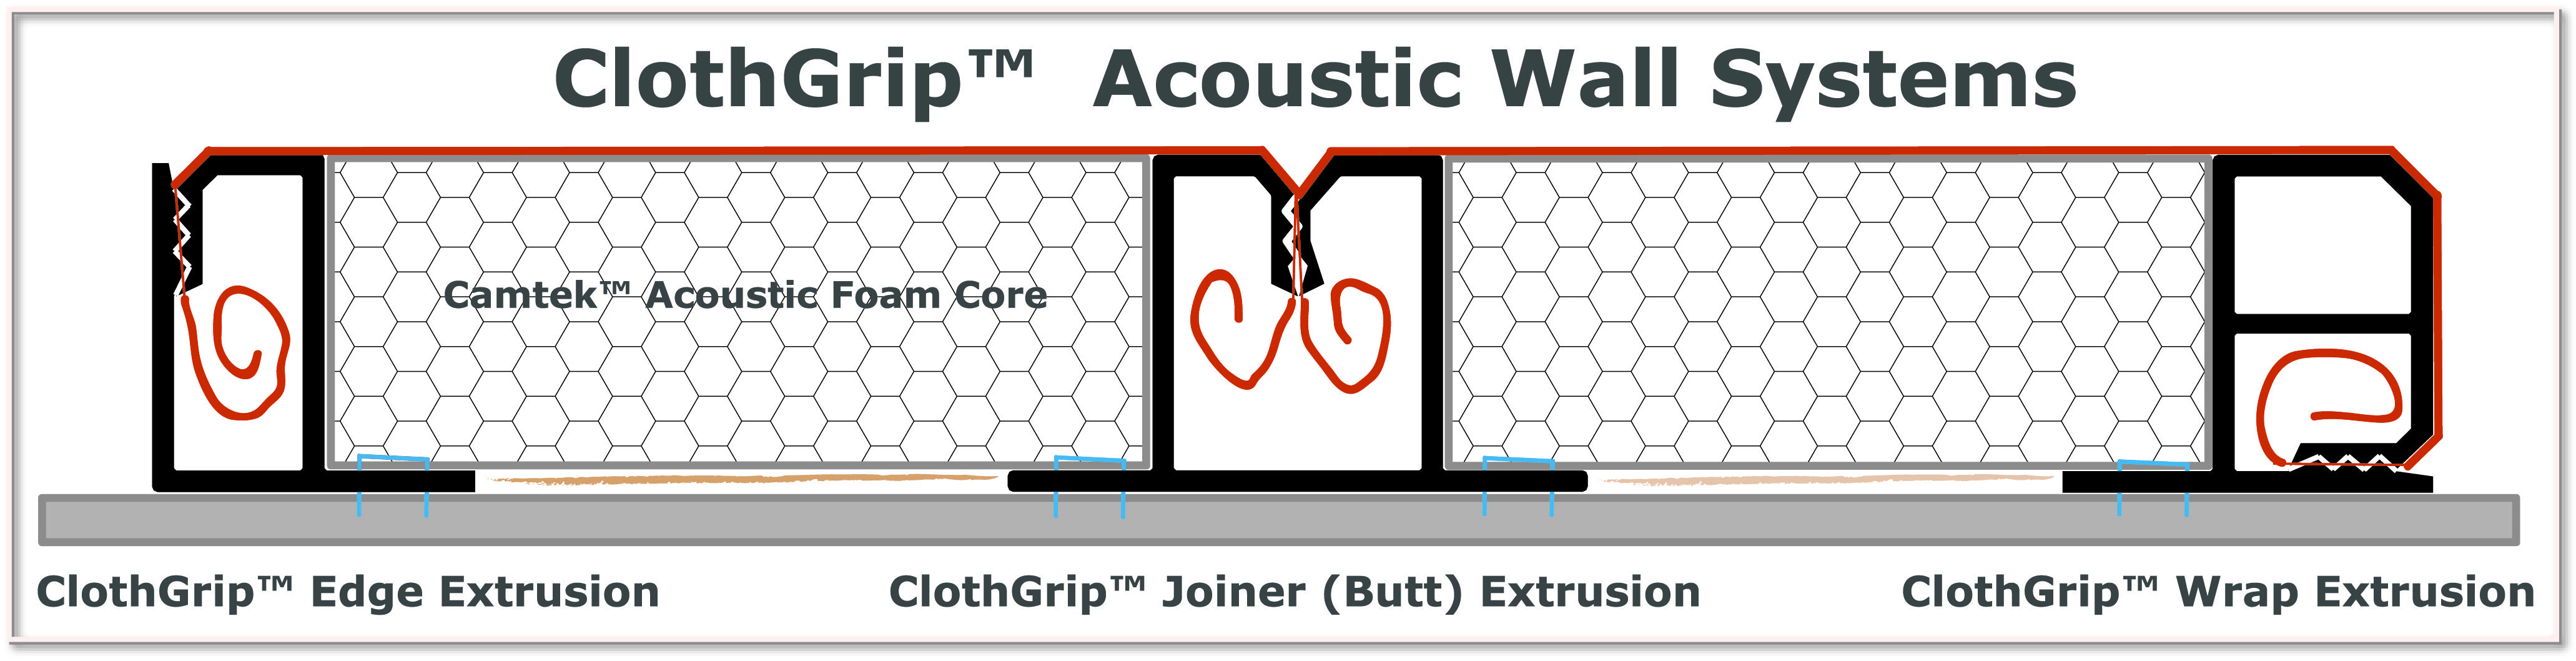 ClothGrip Acoustic Panels